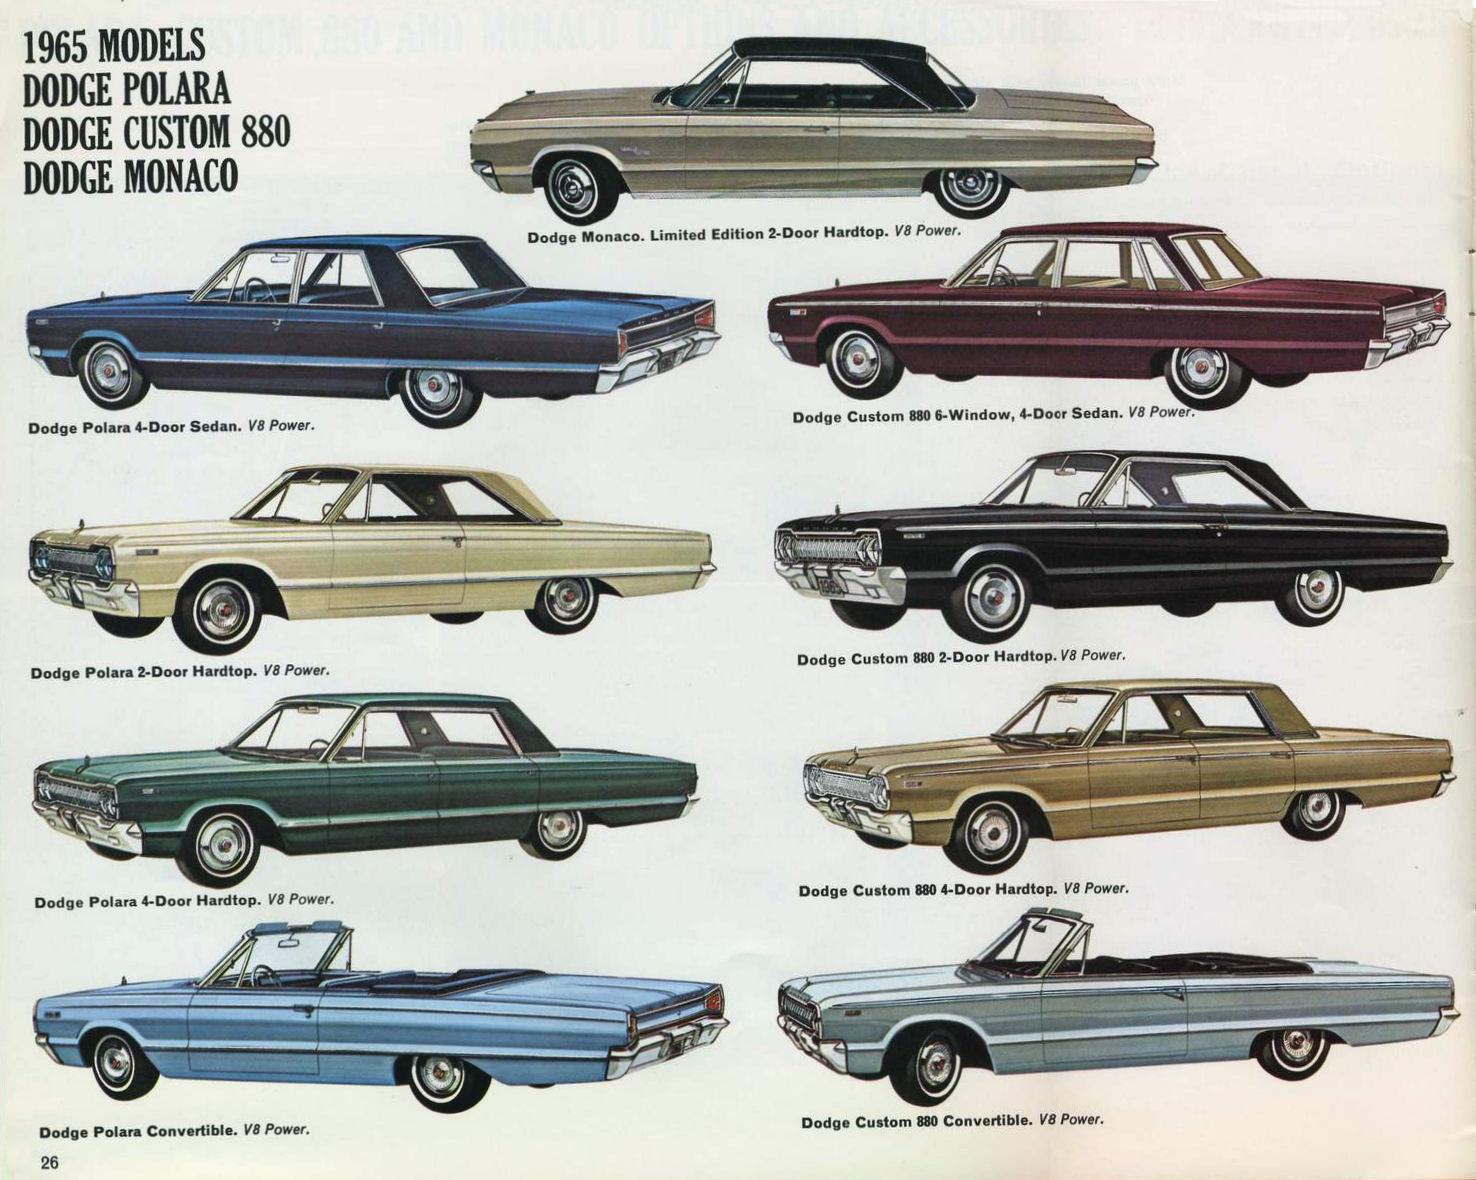 1966 Polara 1500 Canadian Poncho